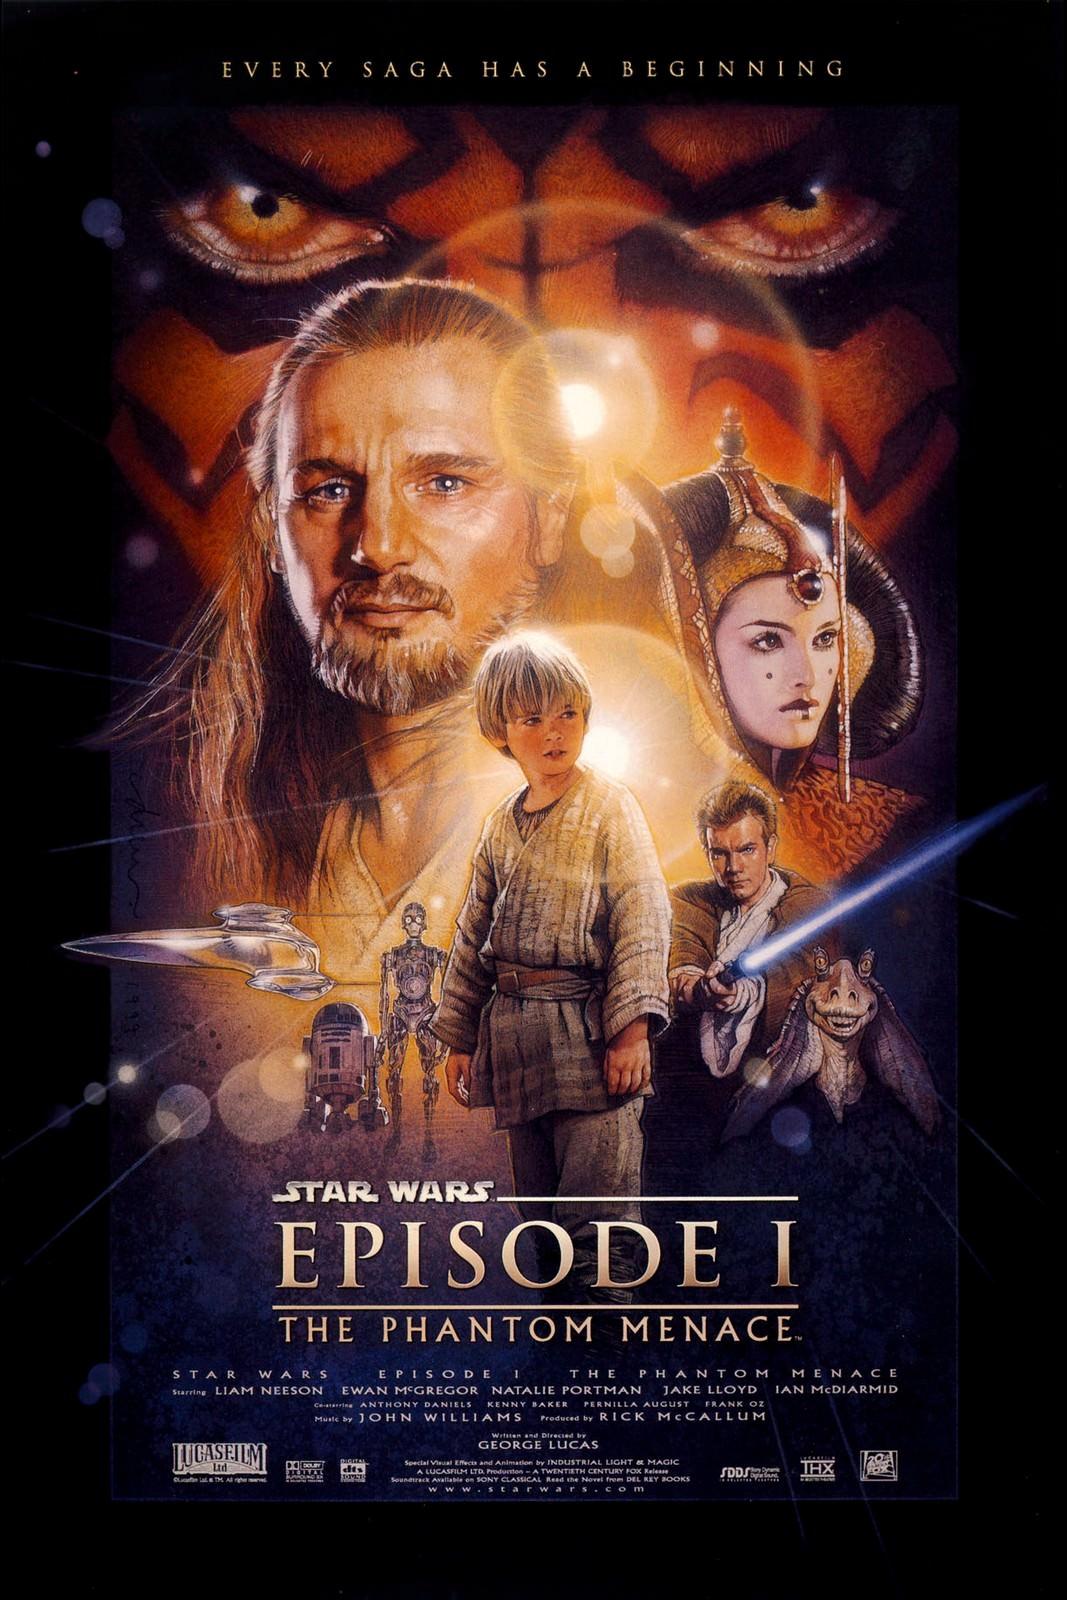 Movie, Star Wars: Episode I - The Phantom Menace(美國, 1999) / 星際大戰首部曲:威脅潛伏(台灣) / 星球大战前传:幽灵的威胁(中國) / 星球大戰前傳:魅影危機(香港), 電影海報, 美國